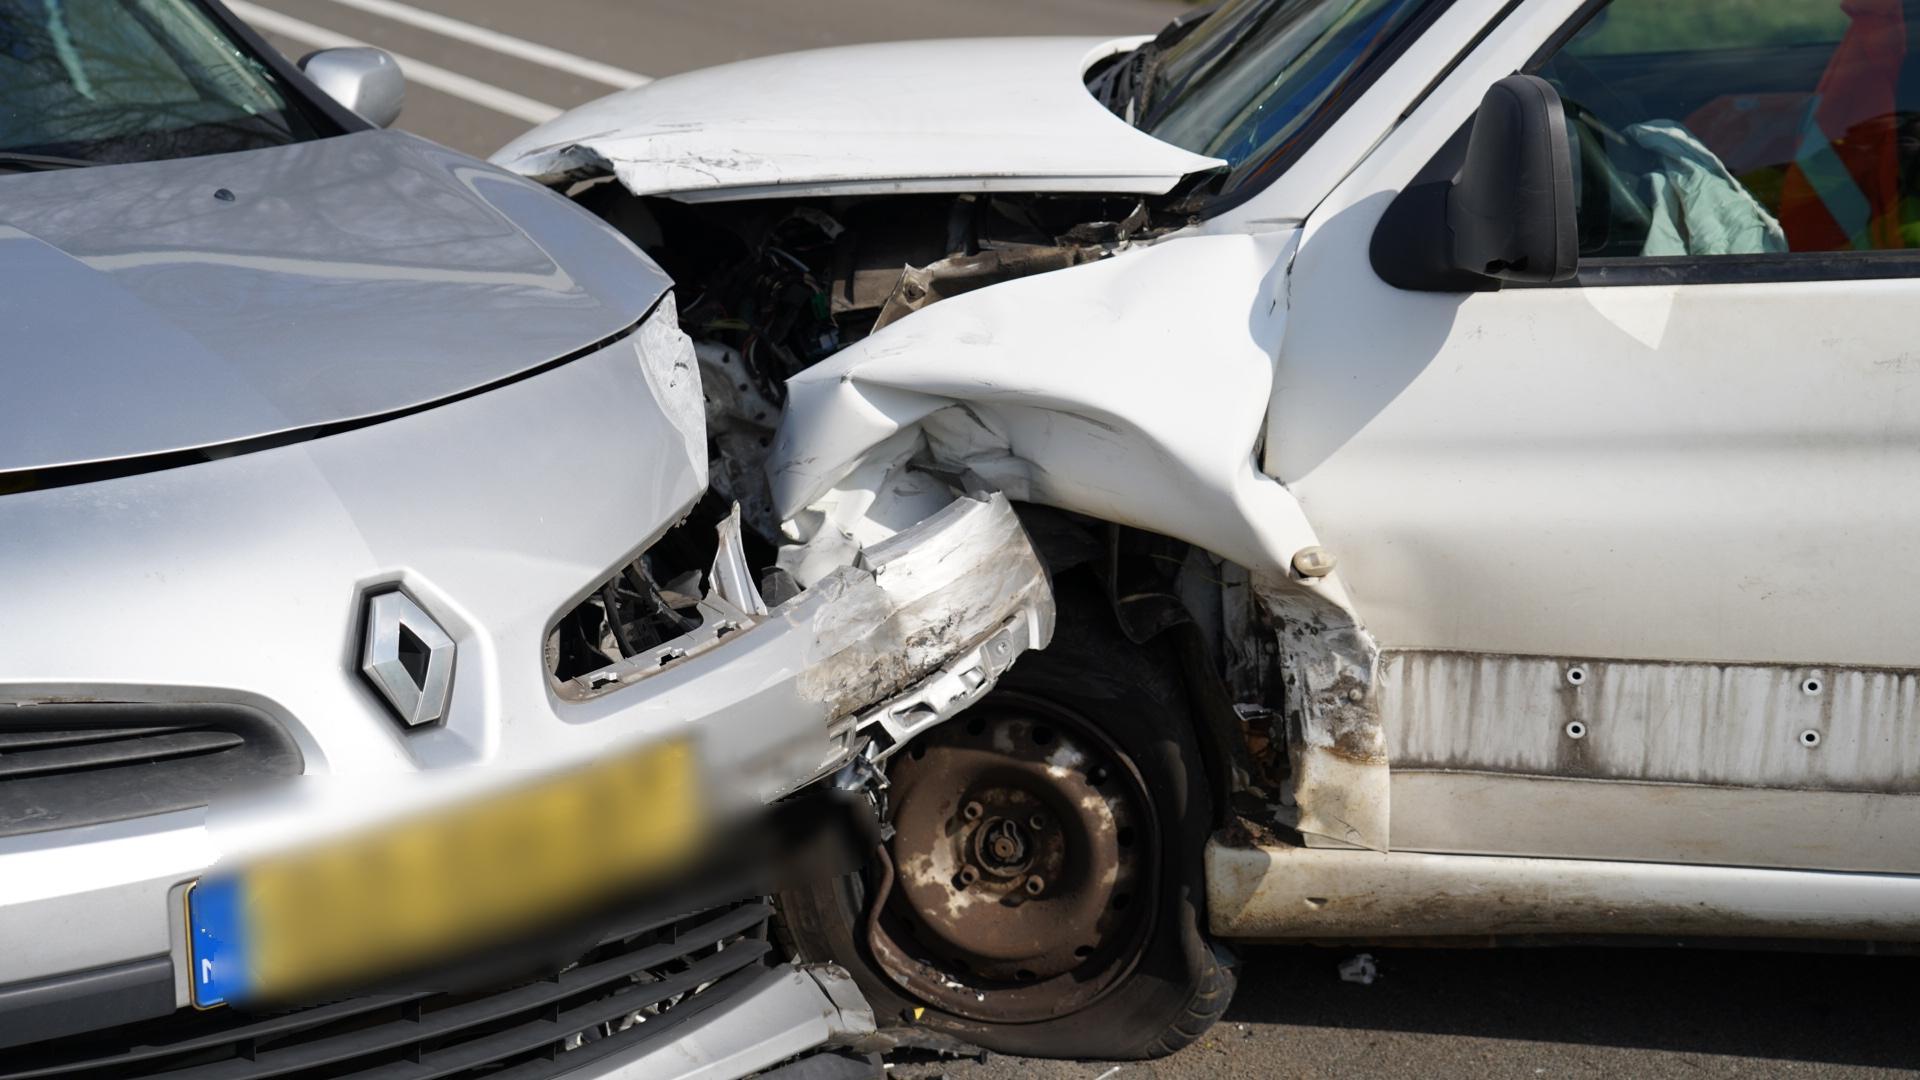 Twee gewonden bij auto-ongeluk in Alkmaar, N244 afgesloten